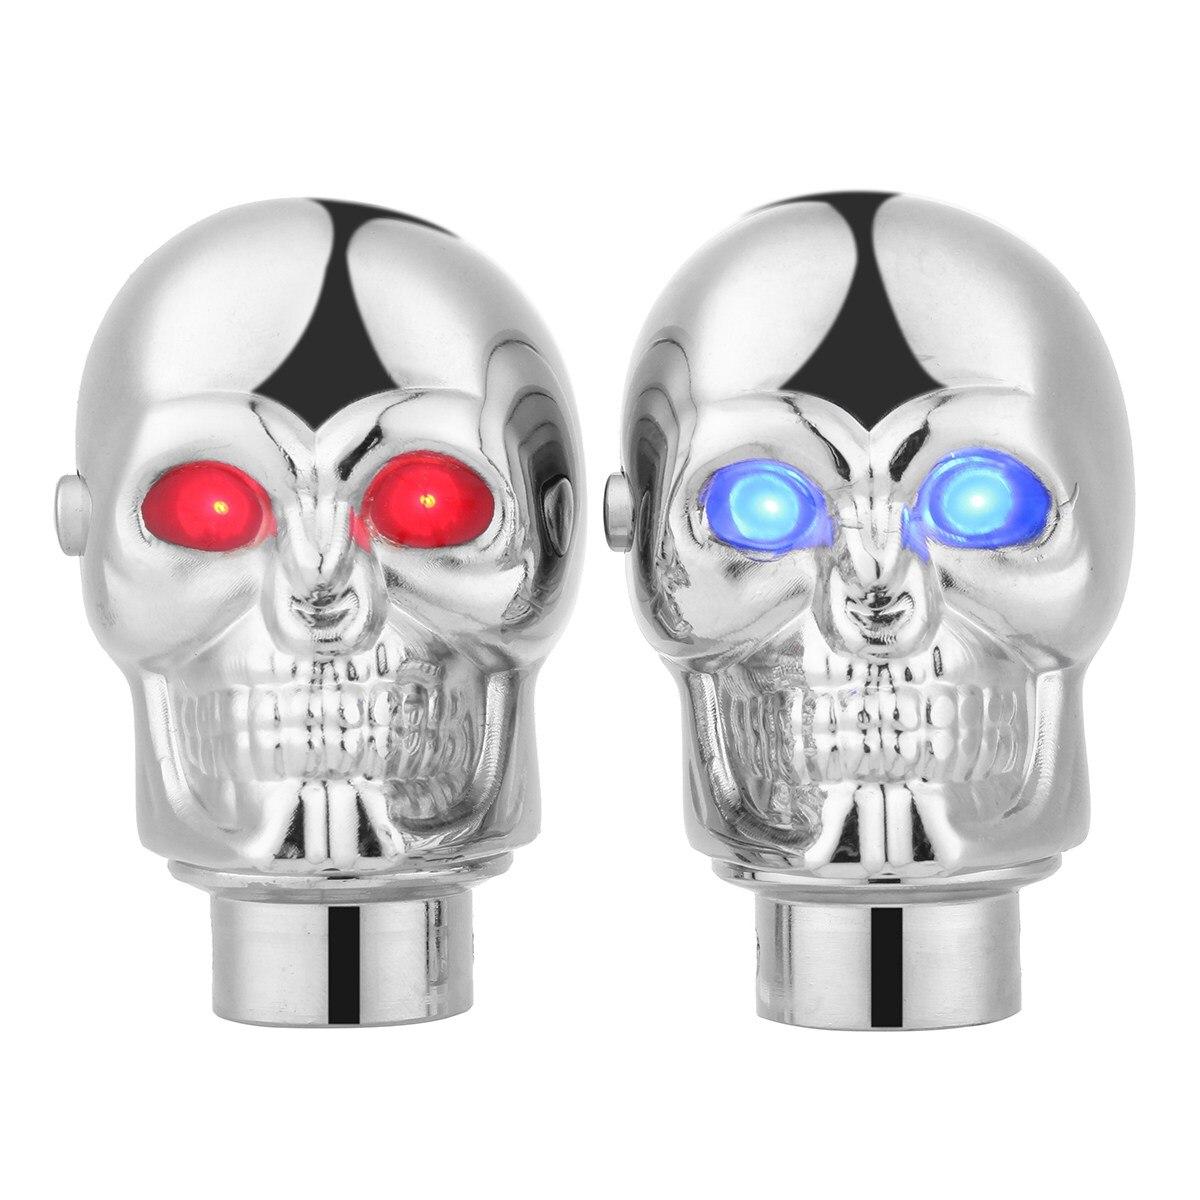 Универсальный сплав chrome серебряный череп ручной Шестерни Цельнокройное рычаг переключения рычага переключения Глава ж/светодиодный свет …